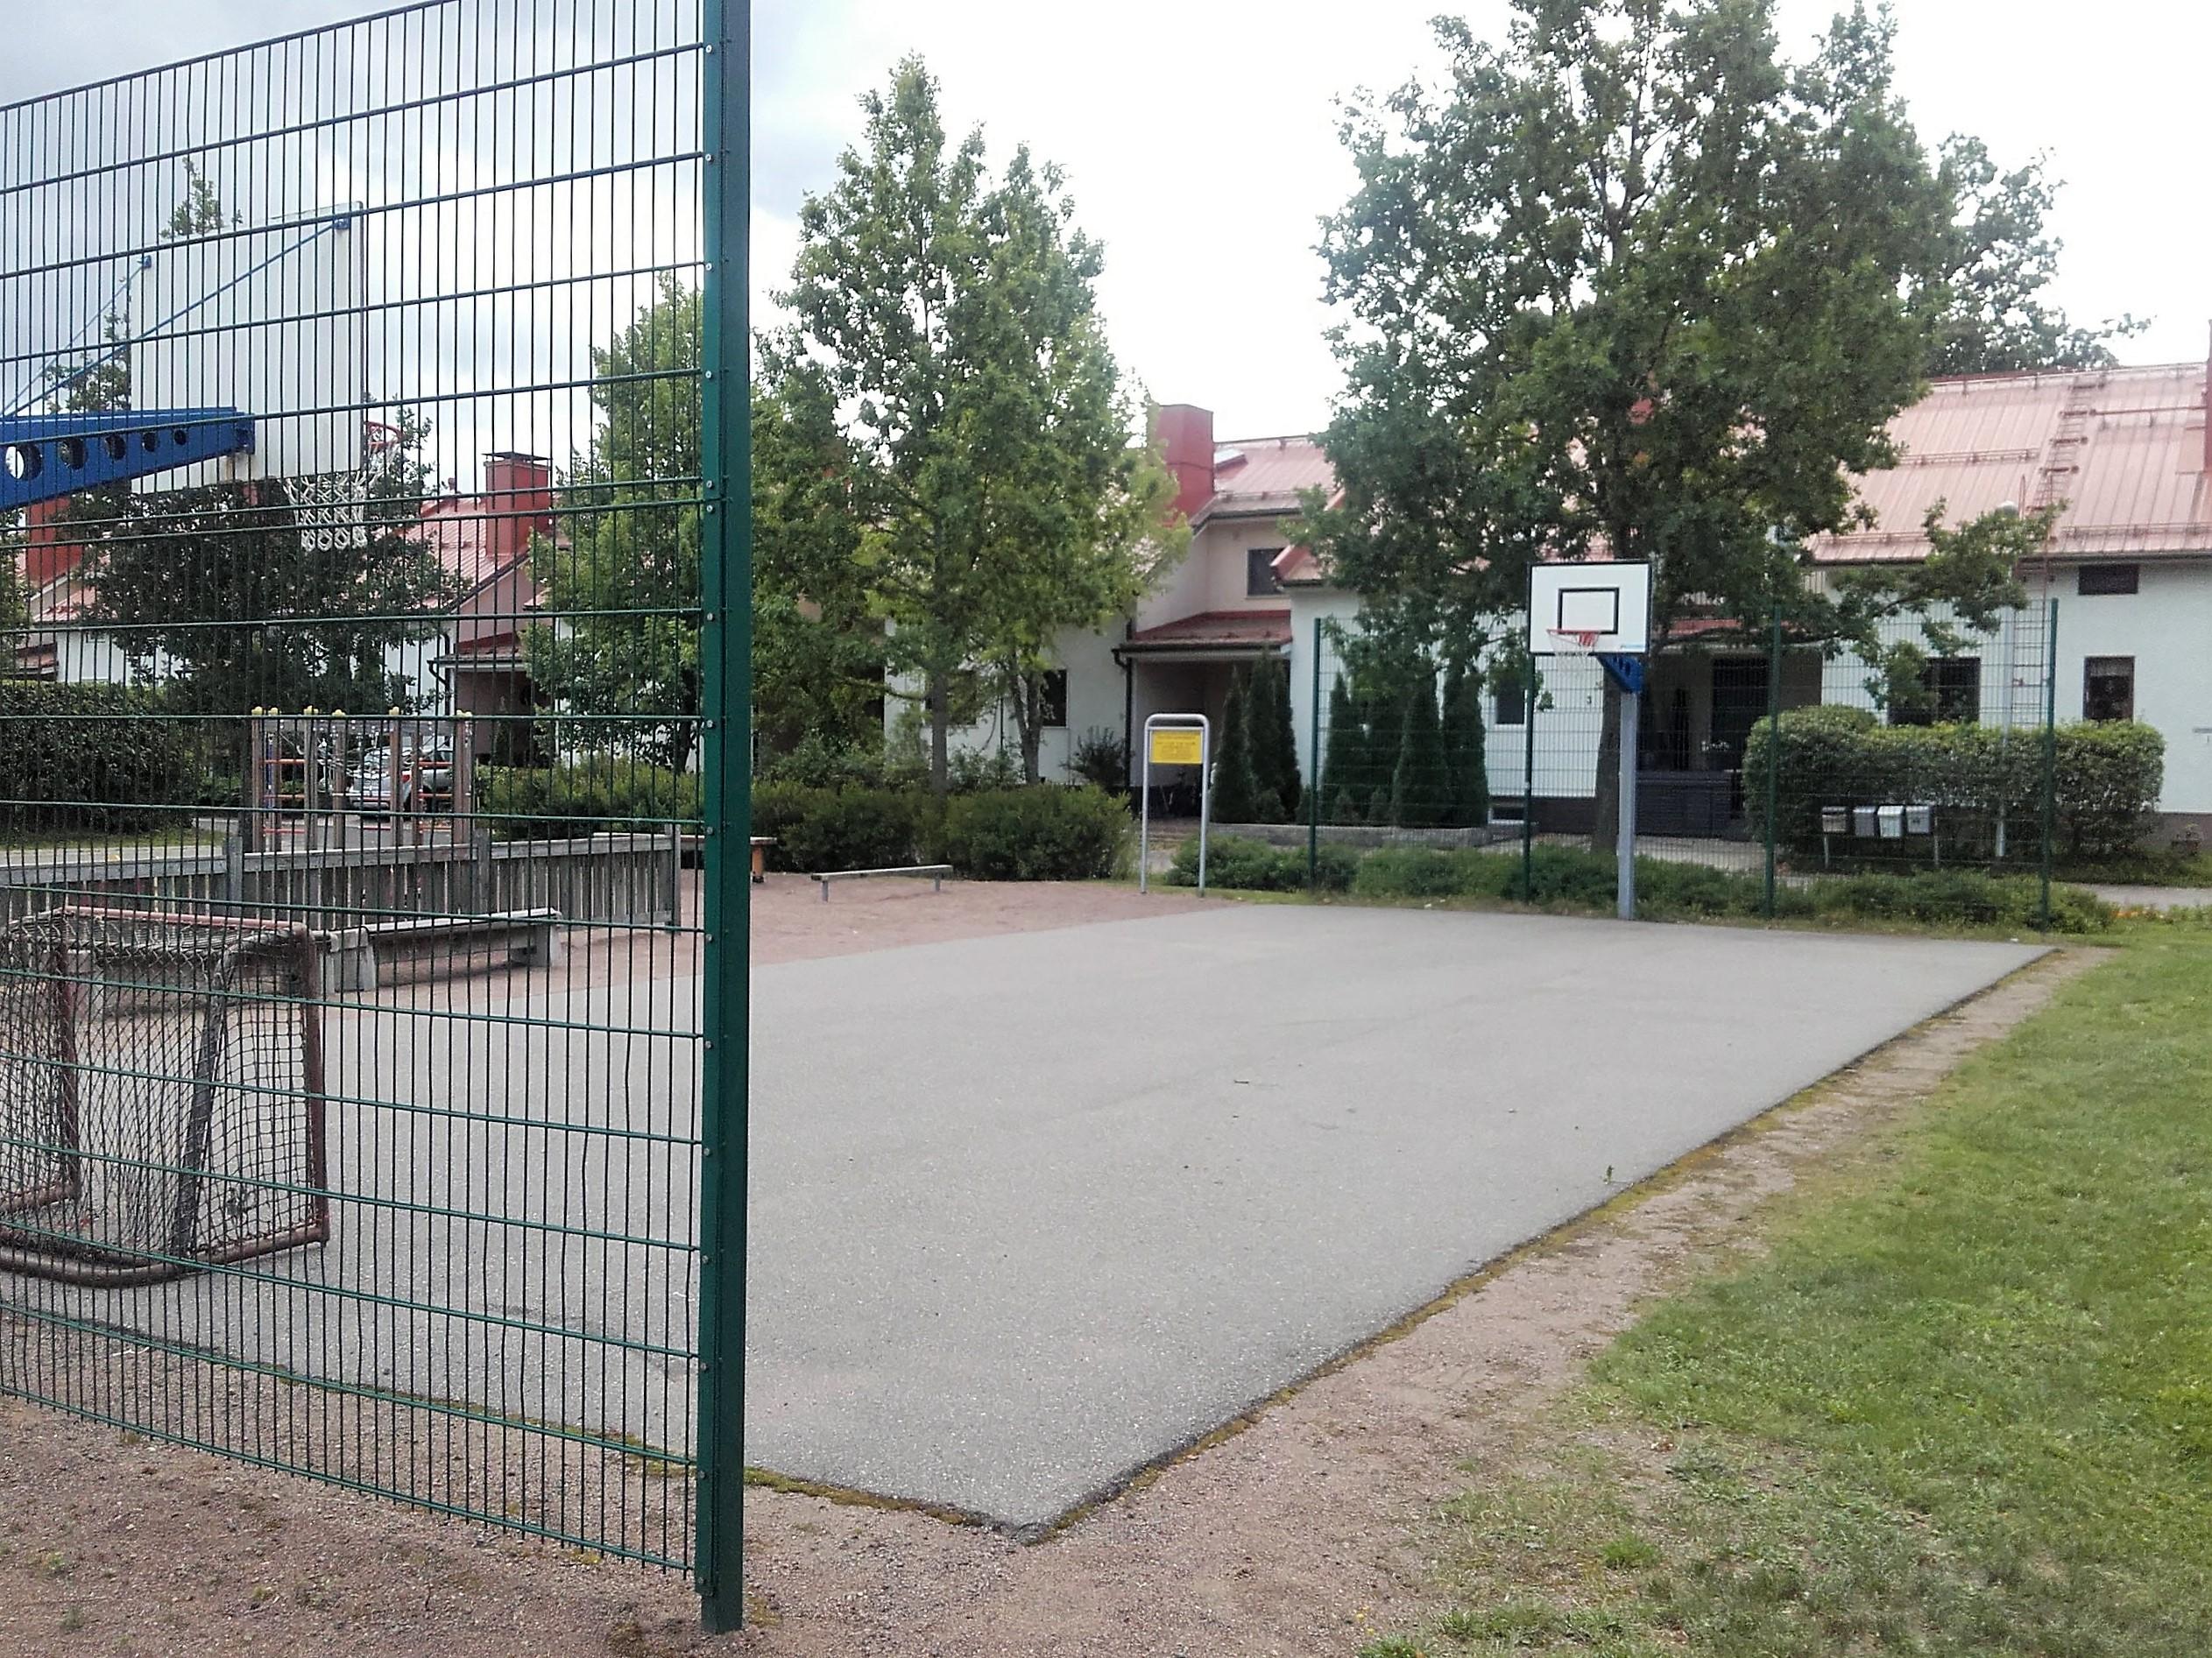 Pieni asfalttipintainen pelikenttä jossa kummassakin päässä koripallokorit. Kentän päädyissä korkeat metalliverkot.